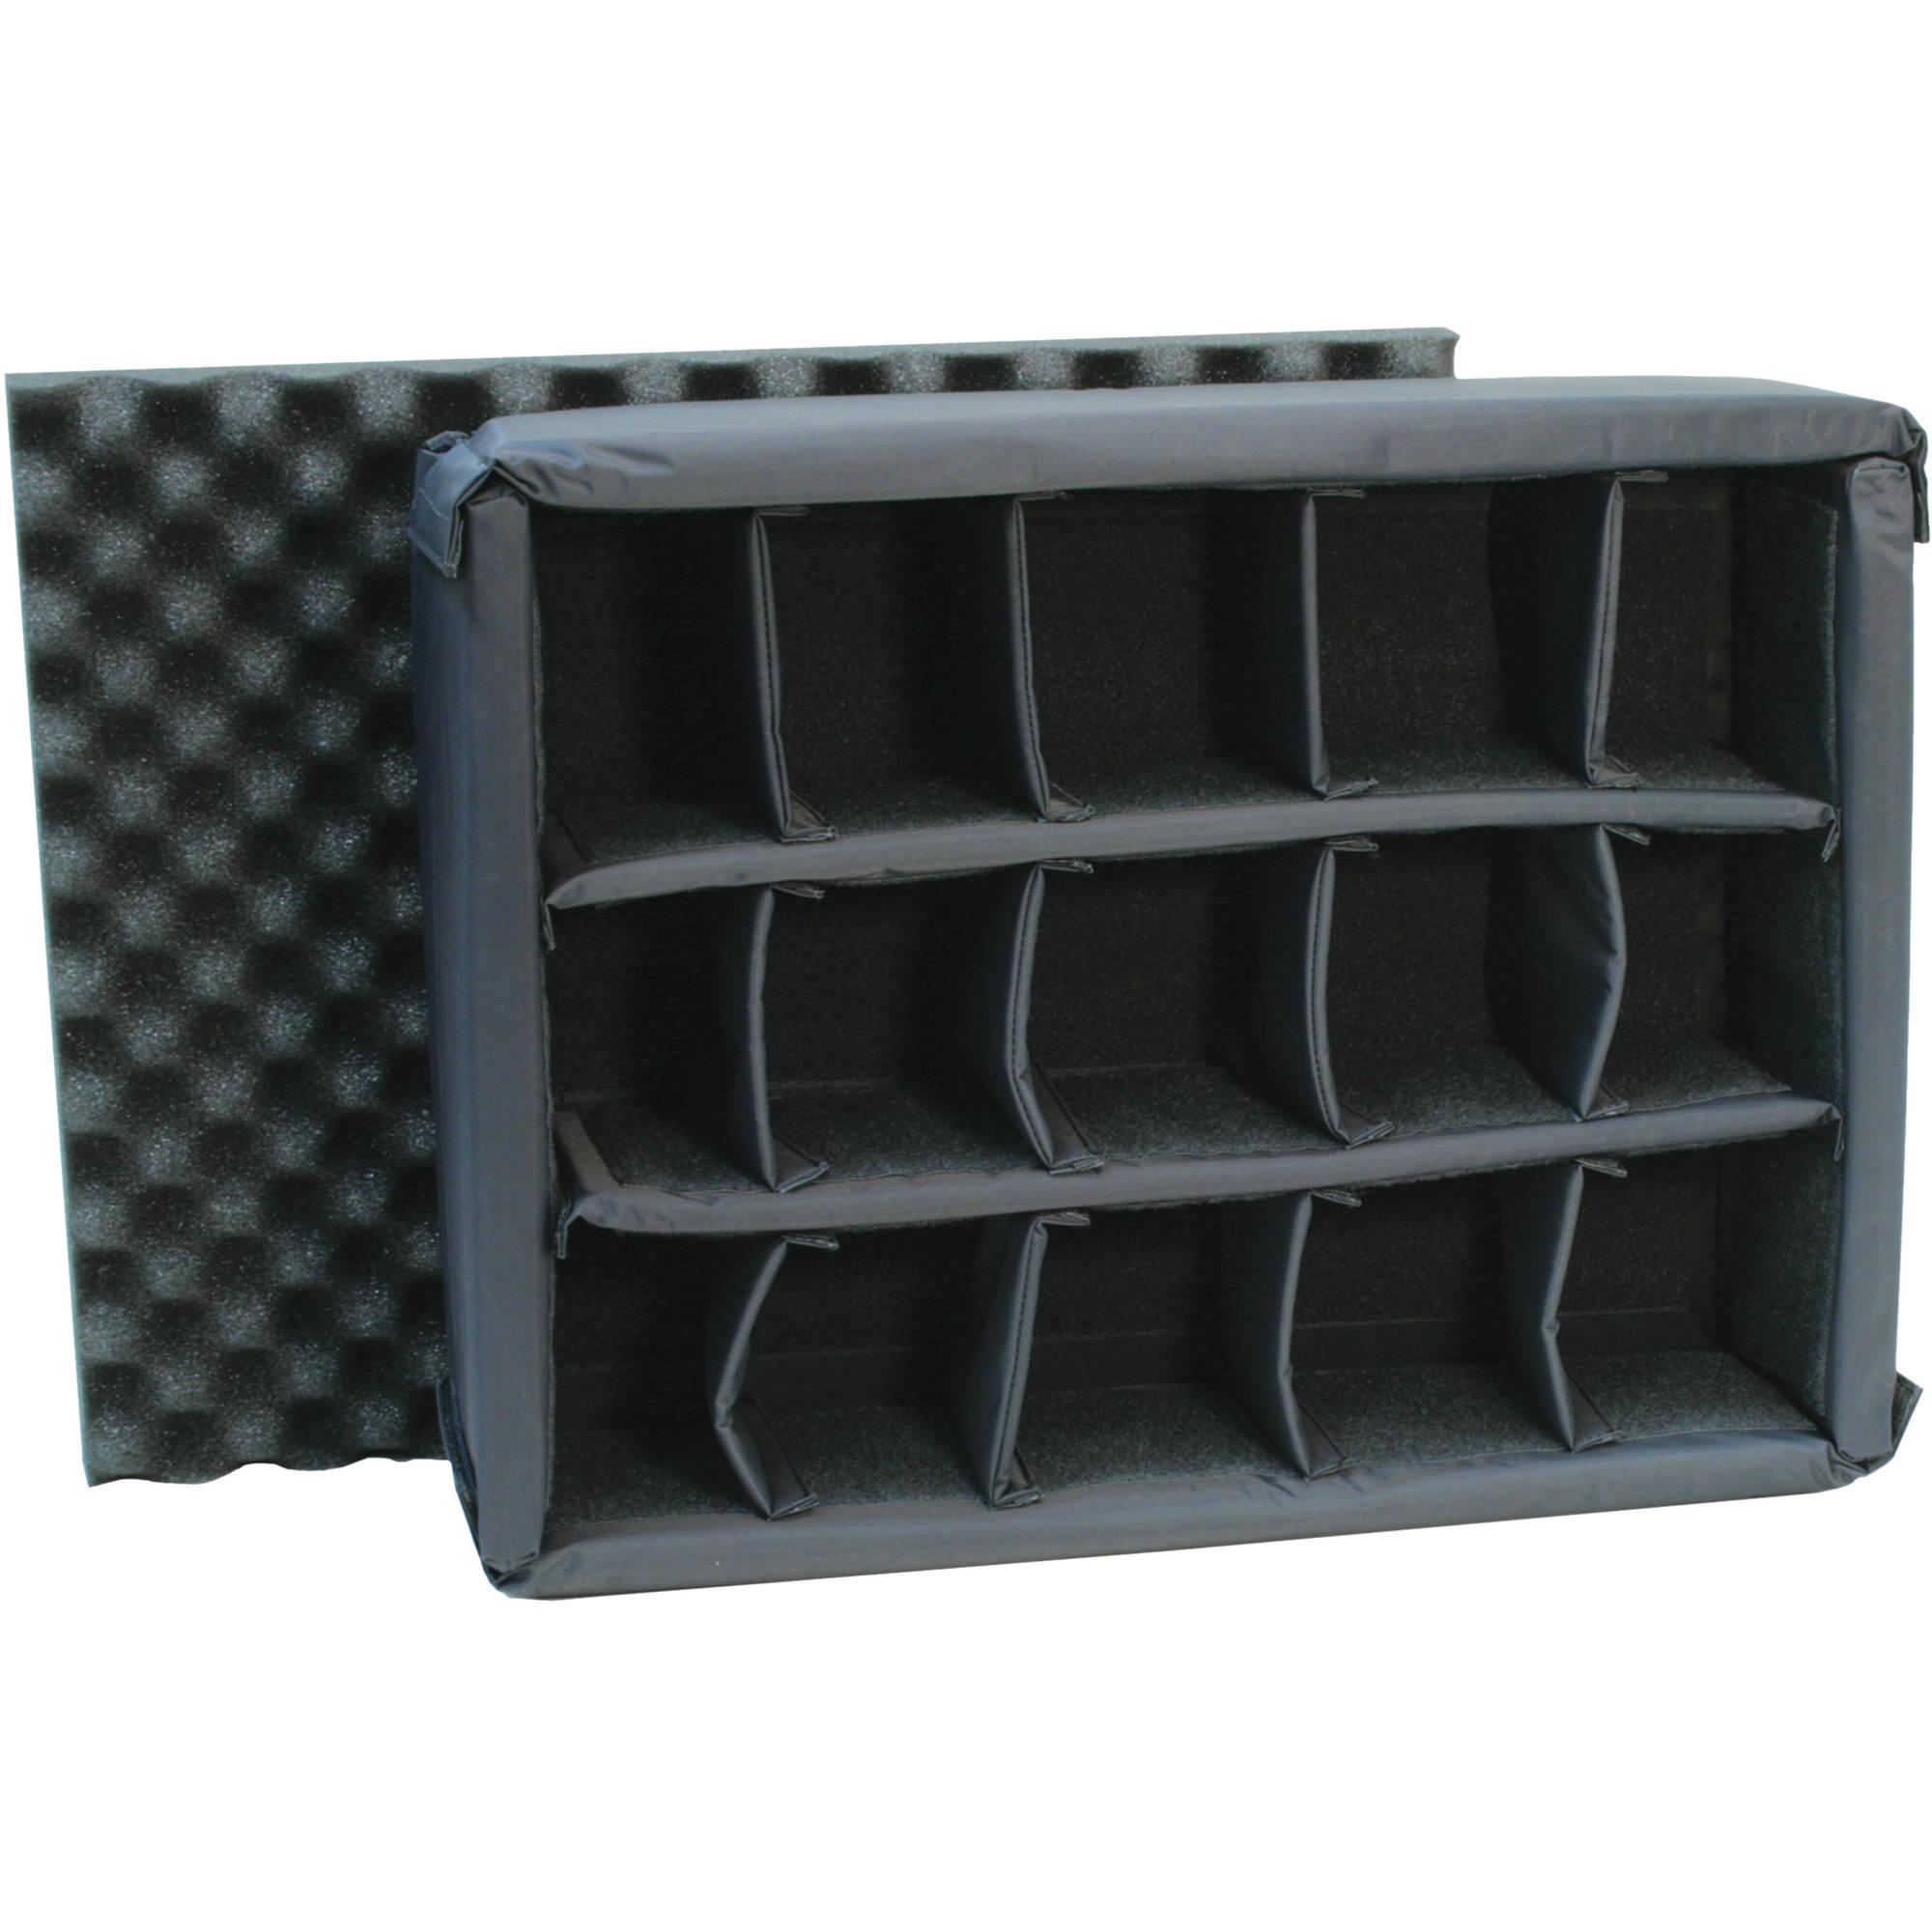 nanuk padded divider insert for 945 case 945 divi b h photo